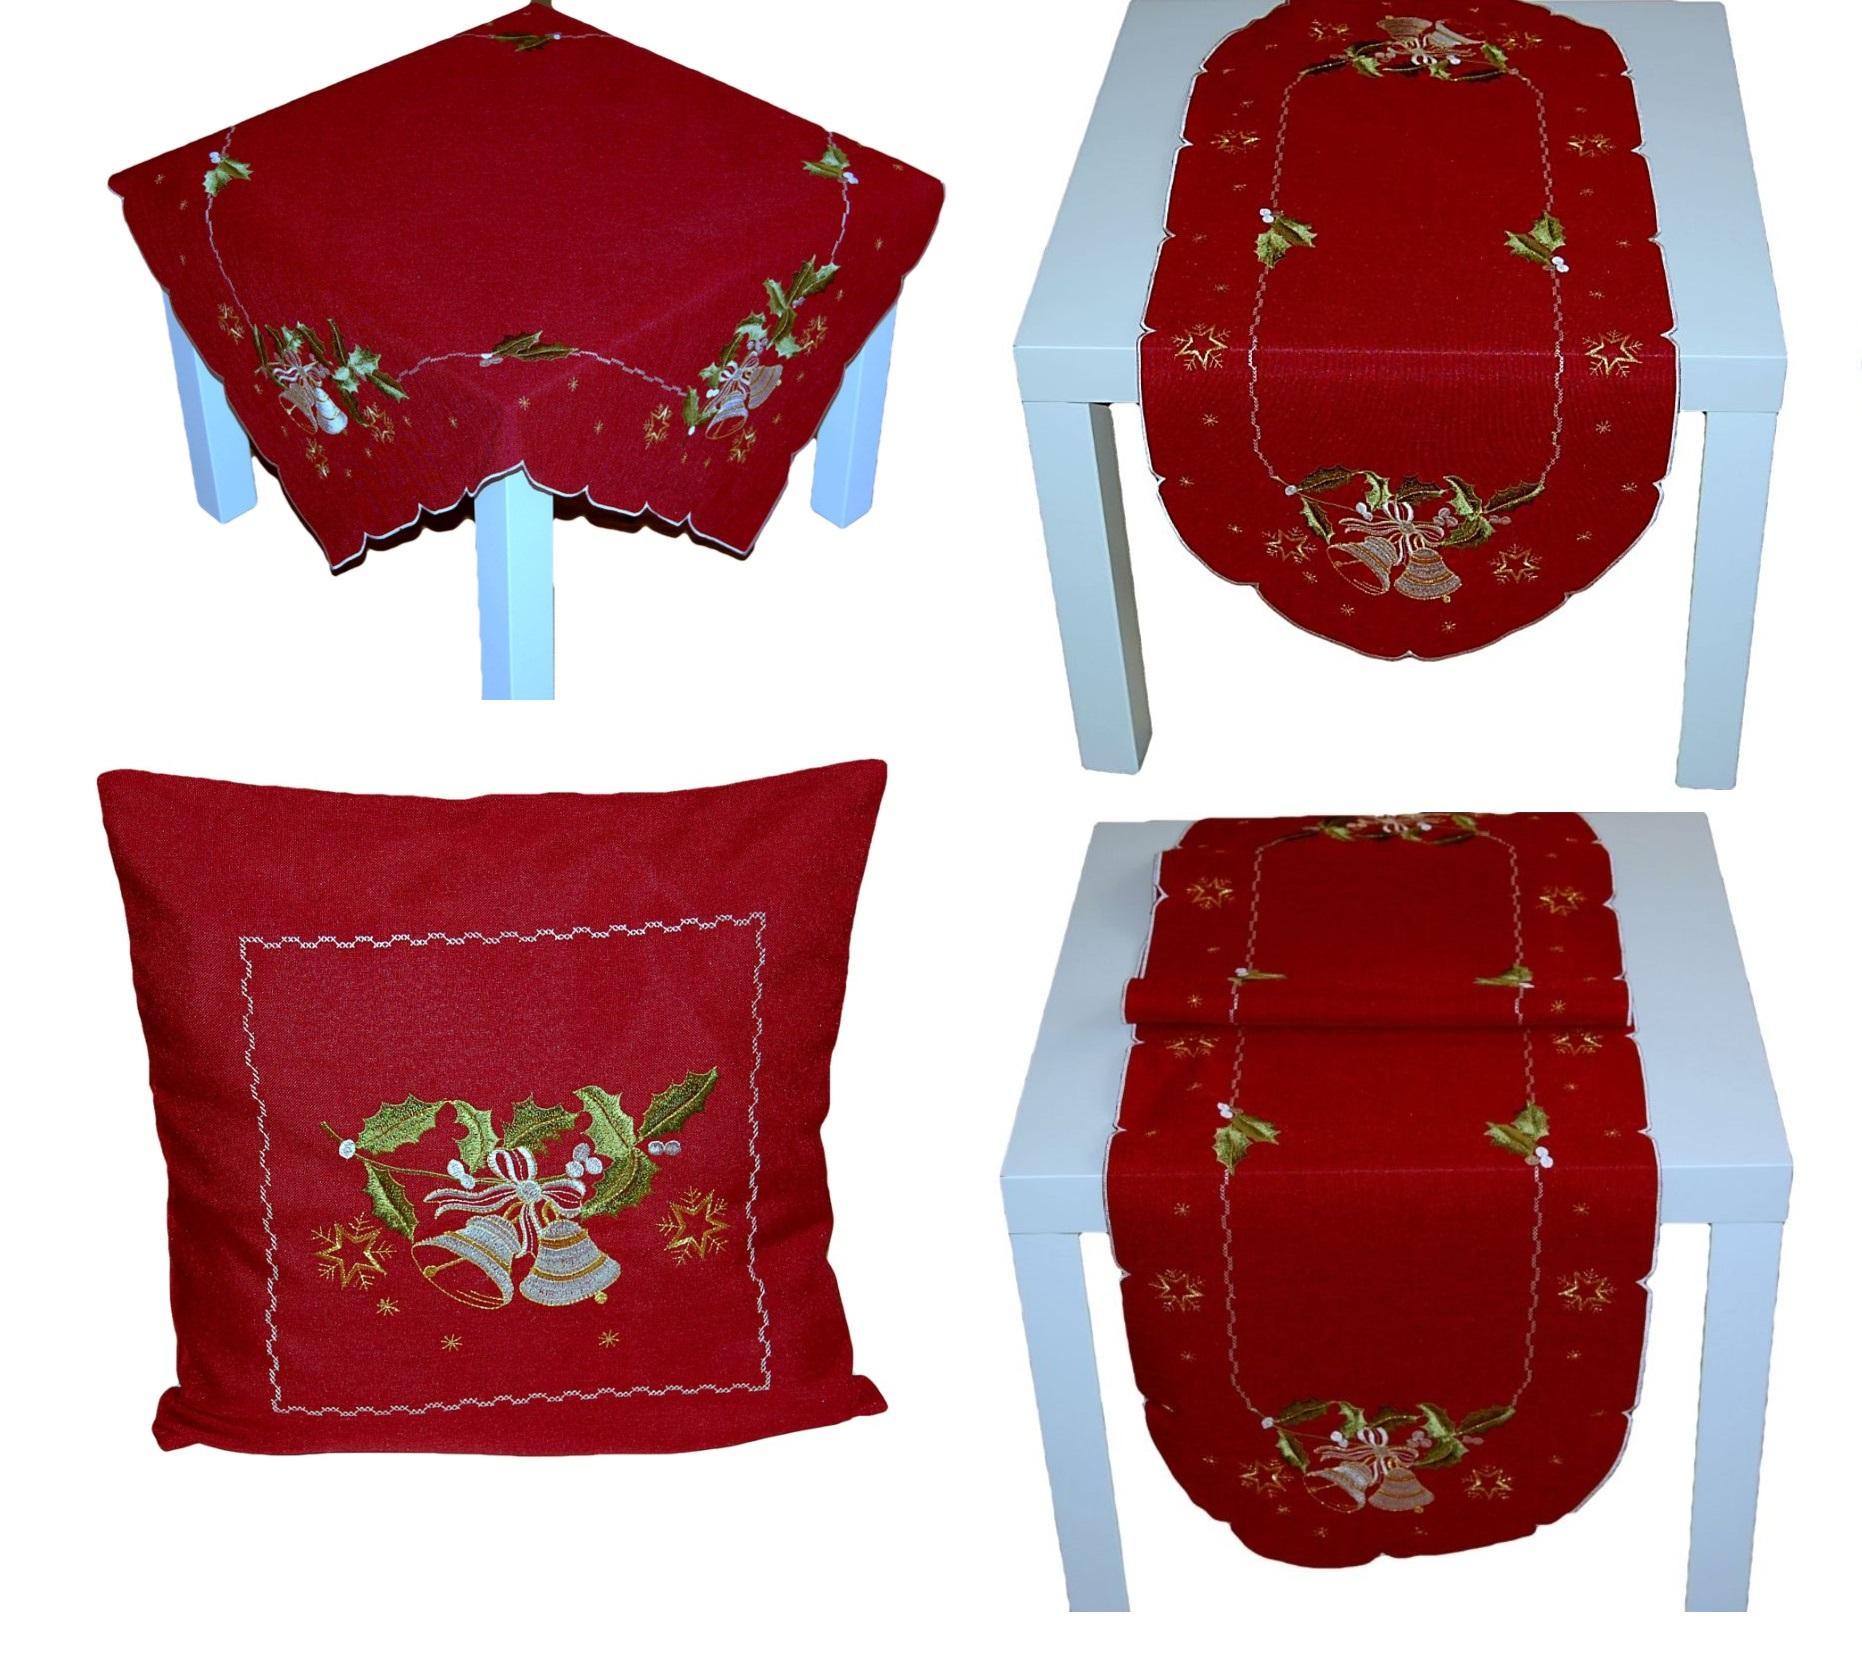 tischdecke weihnachten weinrot glocken wei gold. Black Bedroom Furniture Sets. Home Design Ideas